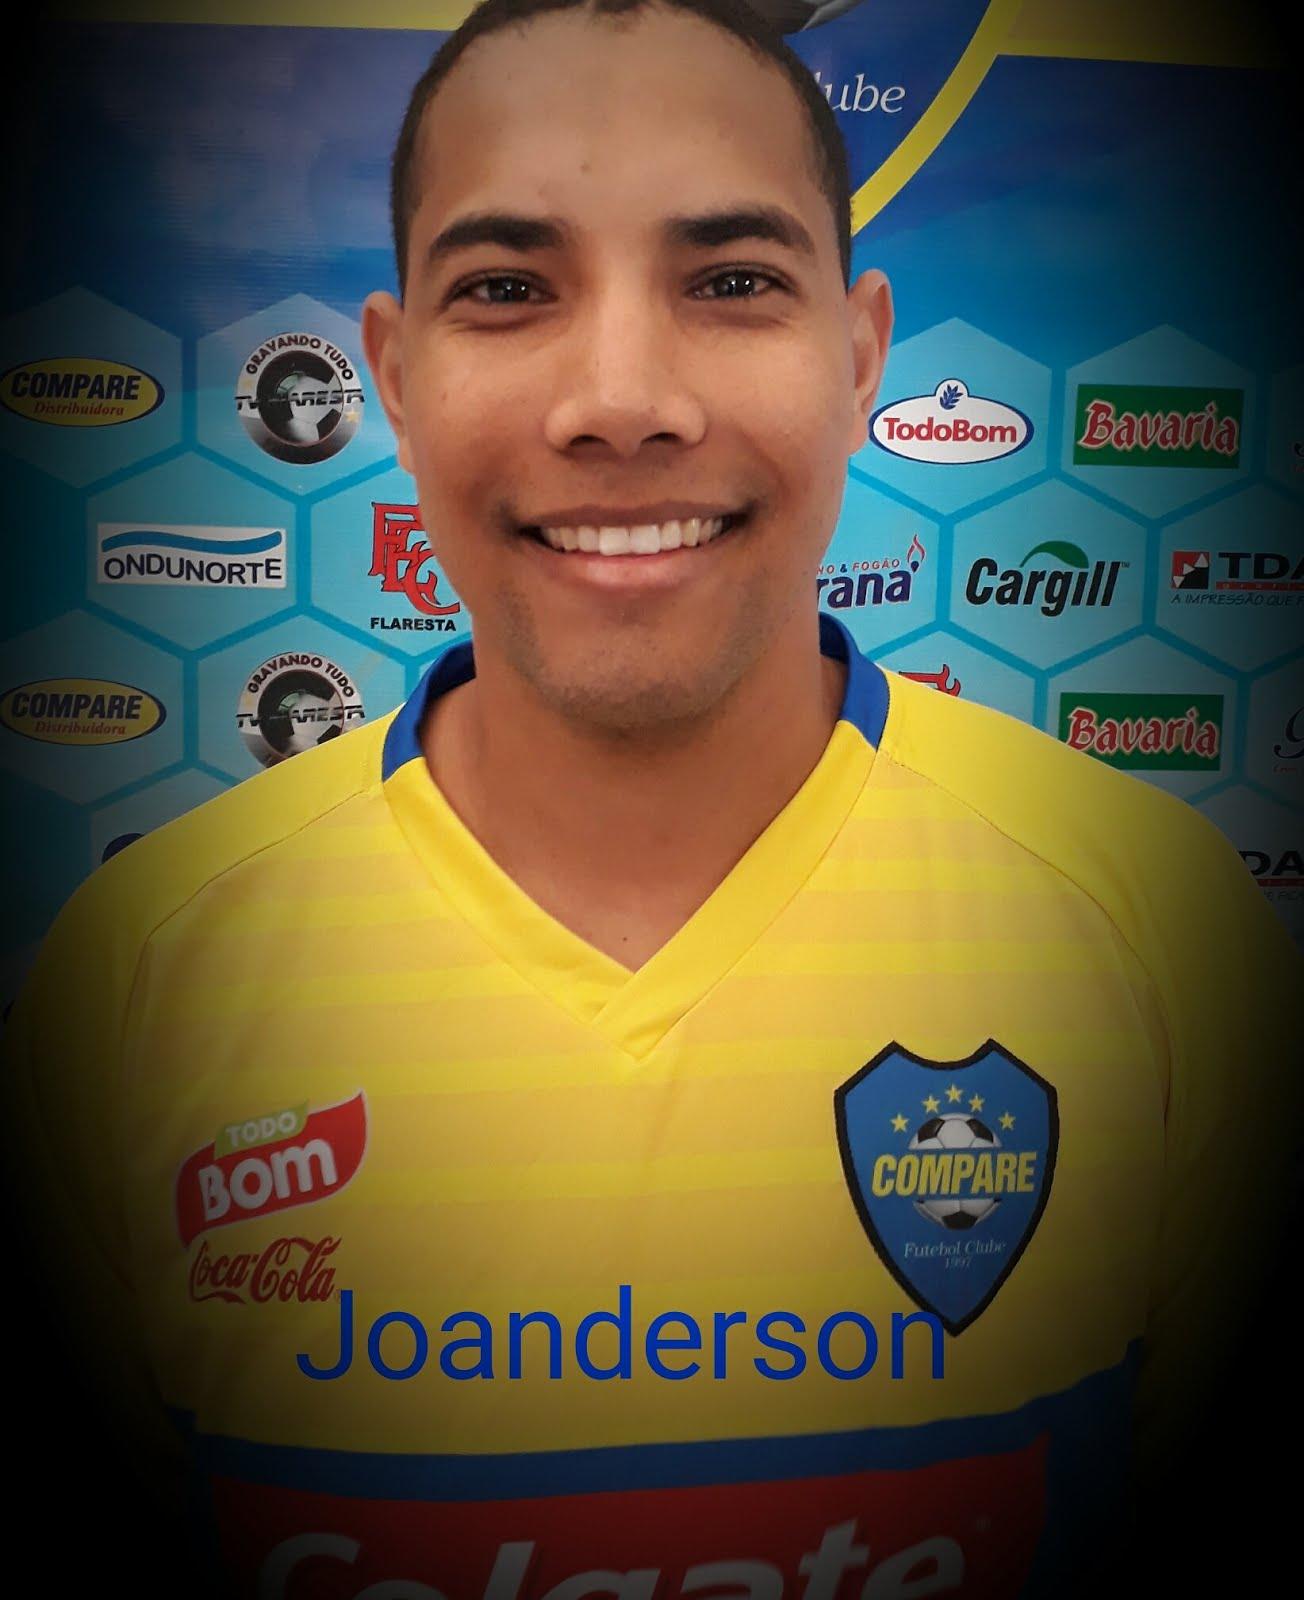 Joanderson